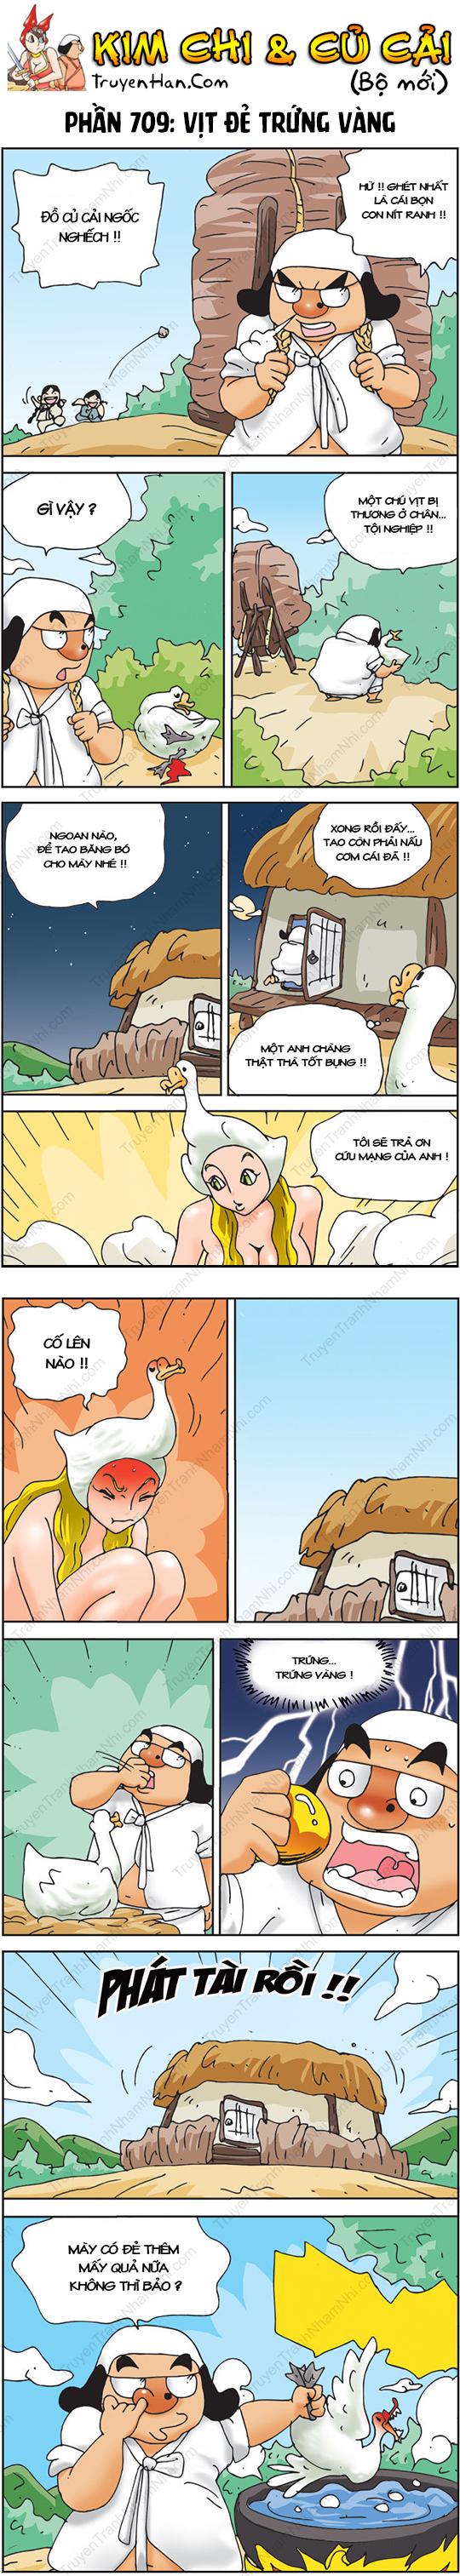 Kim Chi & Củ Cải (bộ mới) phần 709: Vịt đẻ trứng vàng